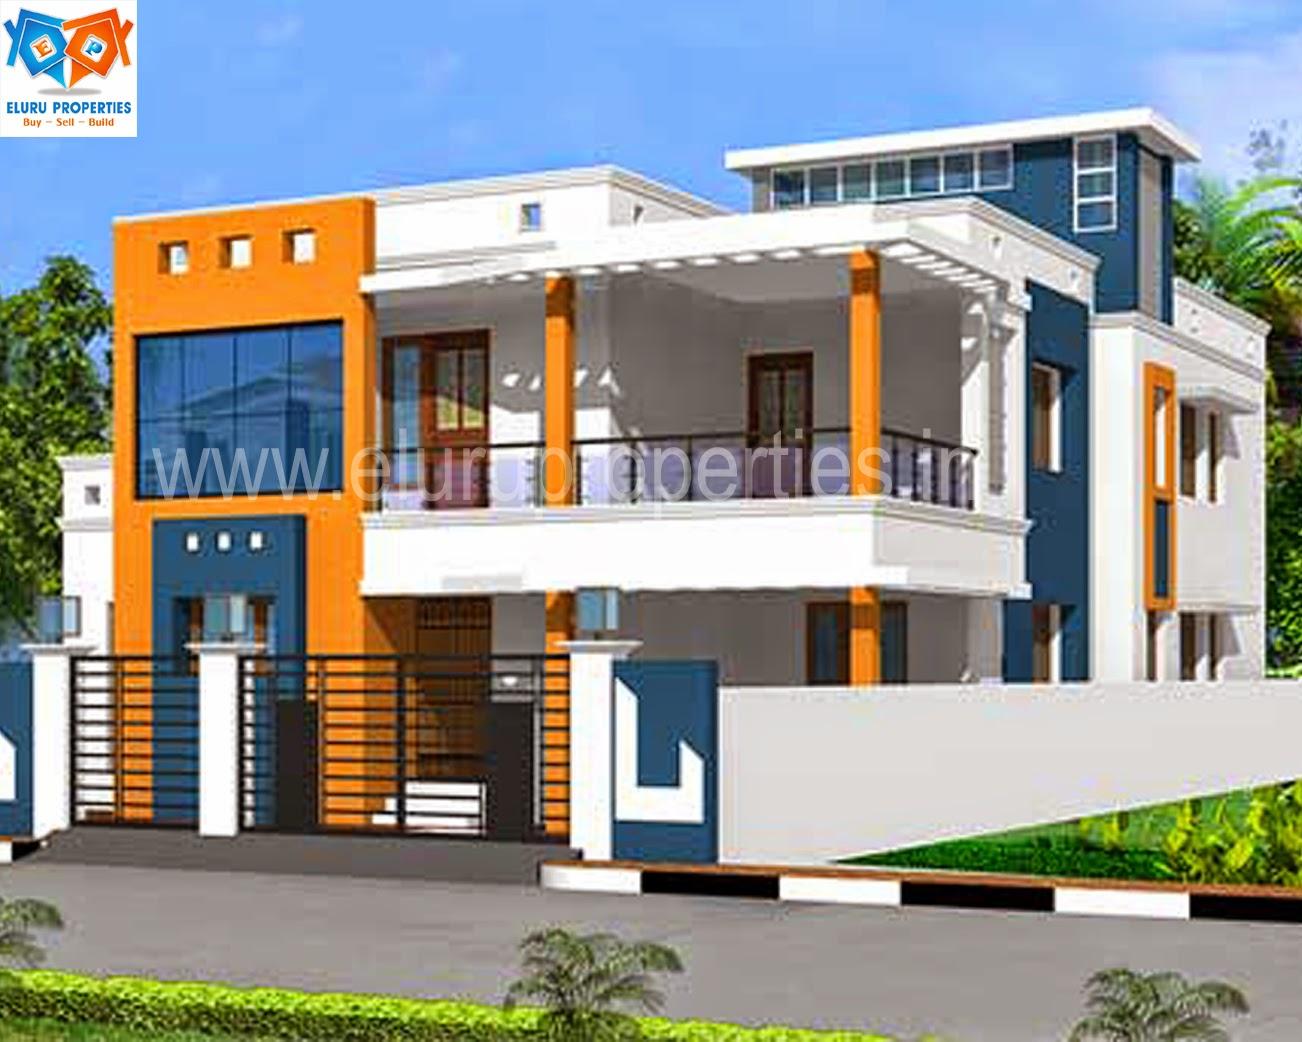 House for sale at dwaraka tirumala find list property for Au maison online shop